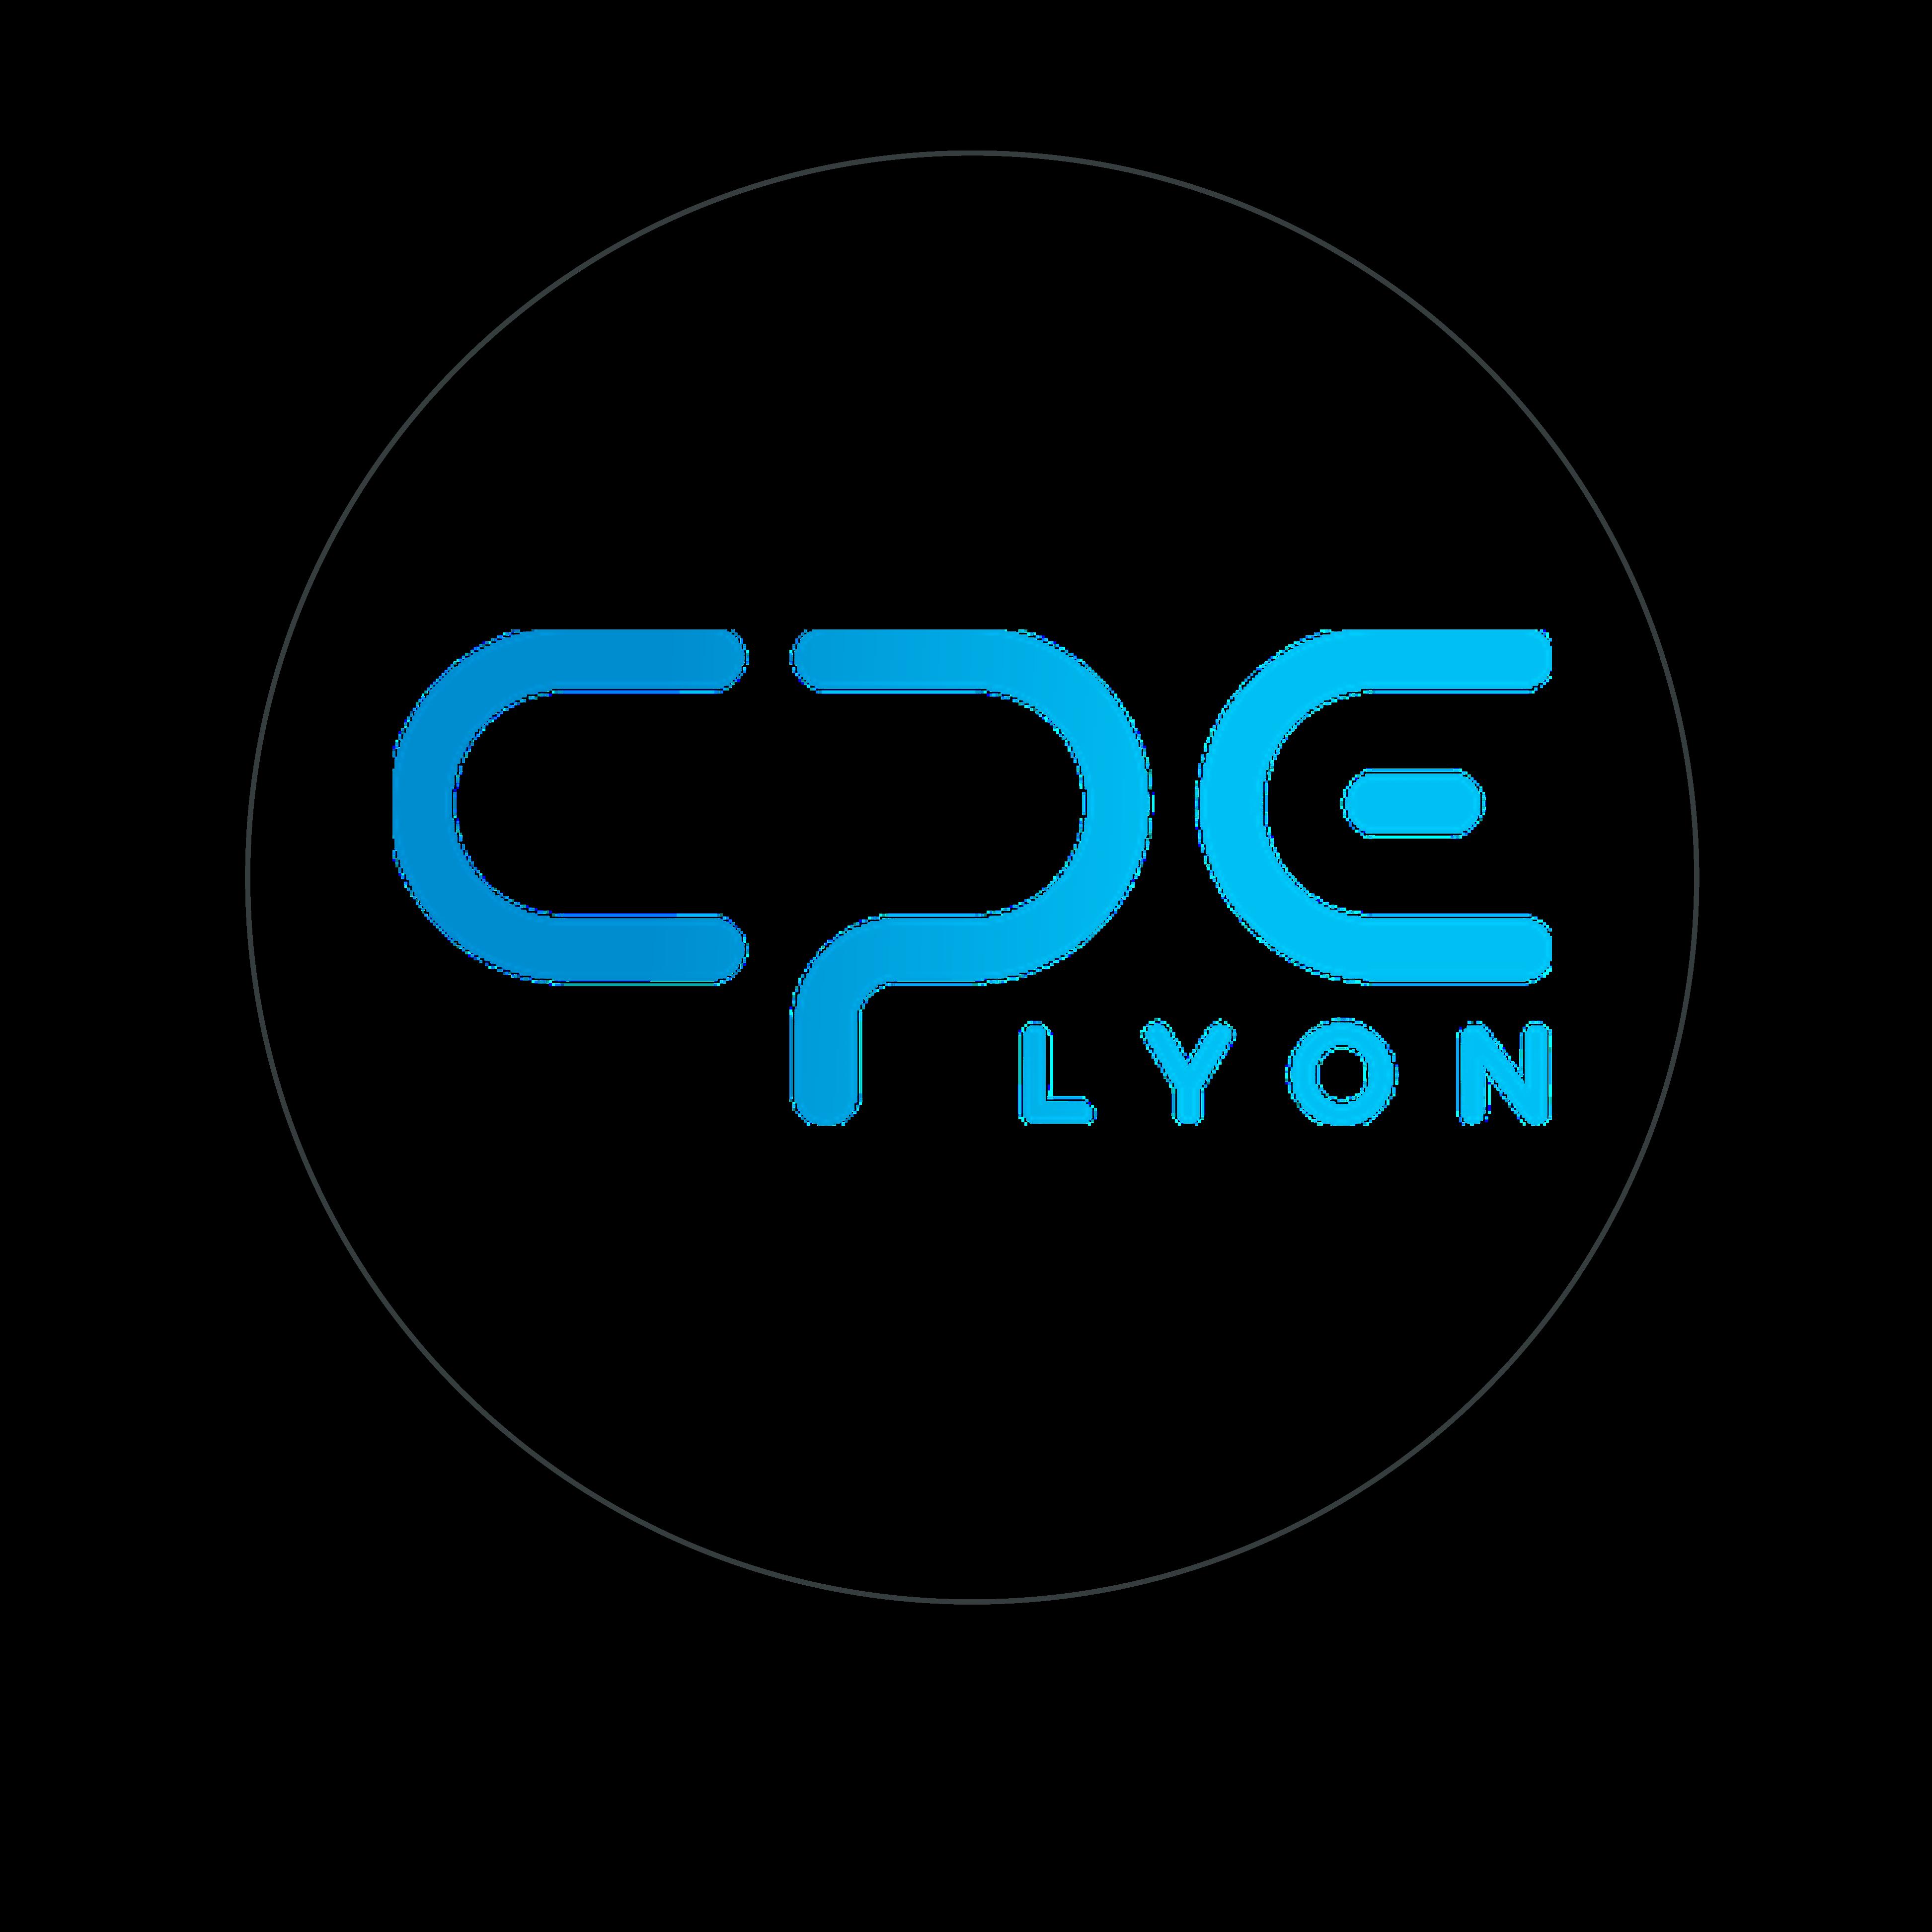 logo CPE lyon bleu cerclé gris